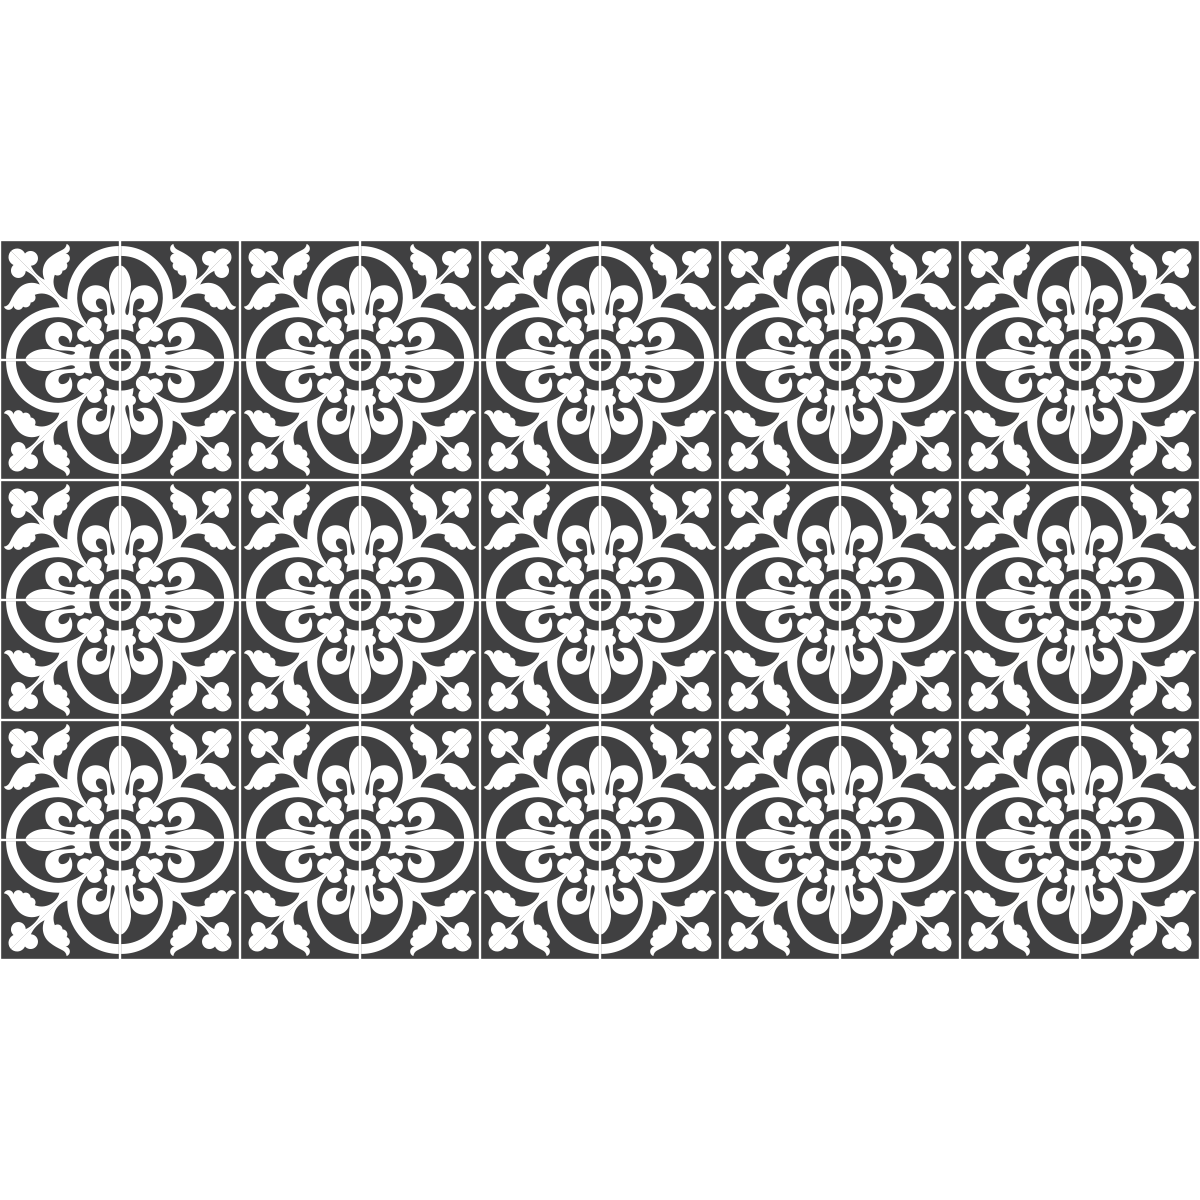 60 stickers carreaux de ciment classiques nuance de gris cuisine carrelages ambiance sticker - Stickers muraux carreaux de ciment ...